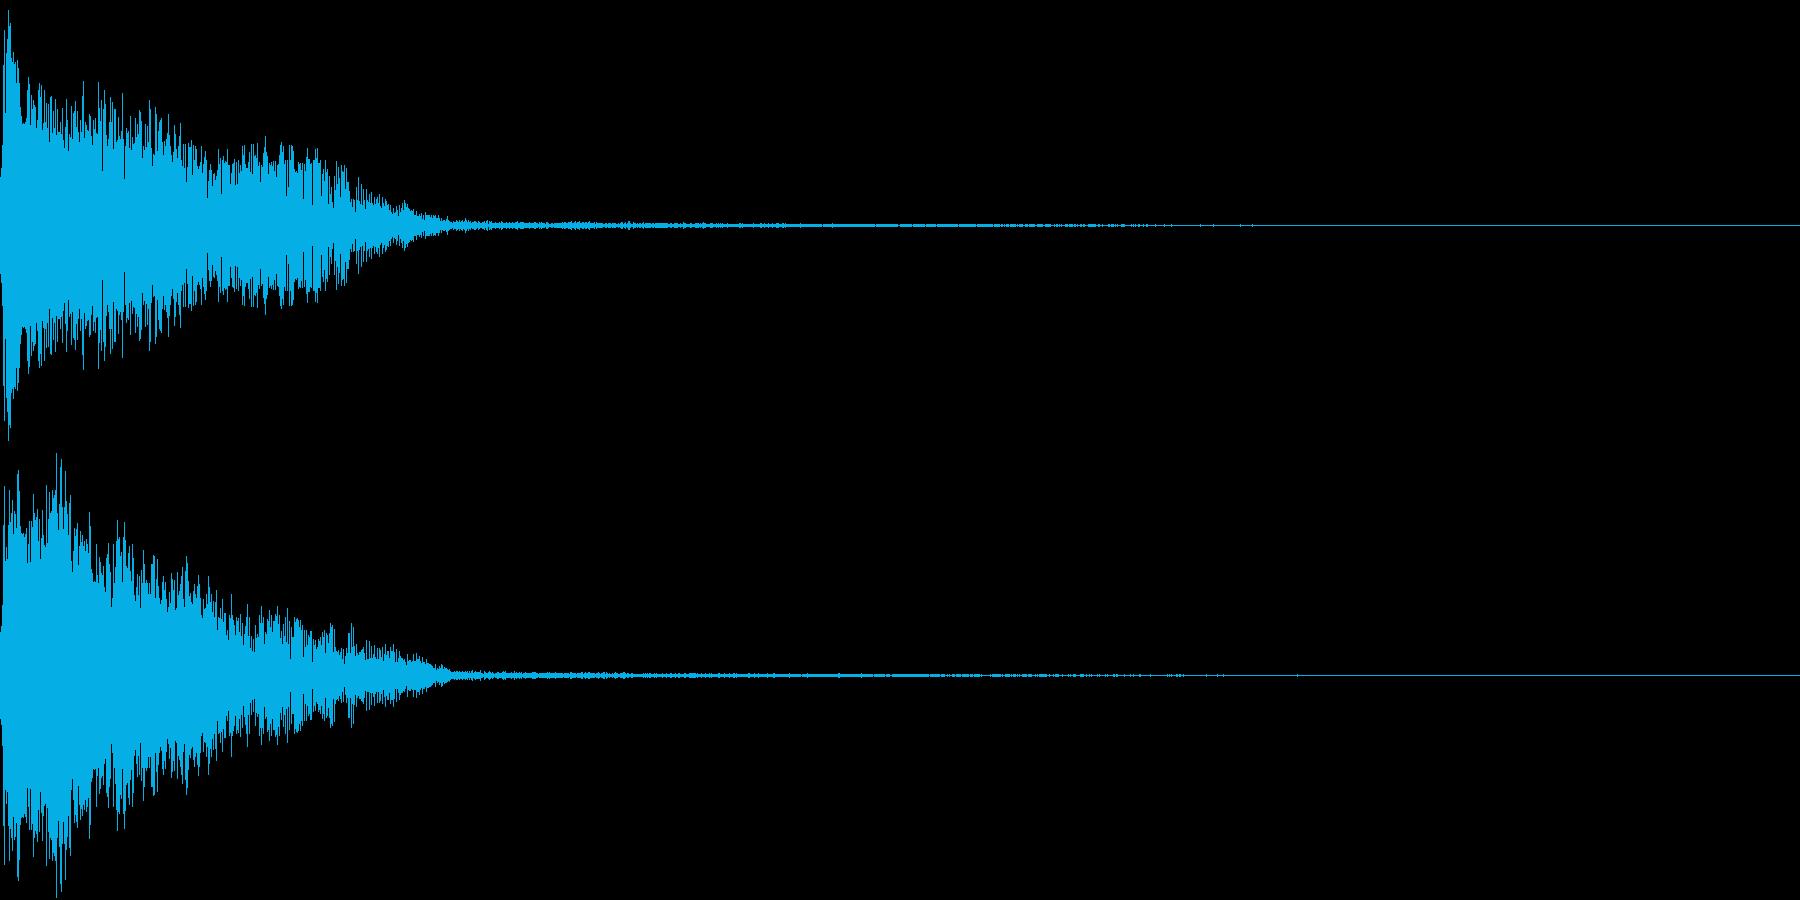 InvaderBuzz 発砲音 1の再生済みの波形